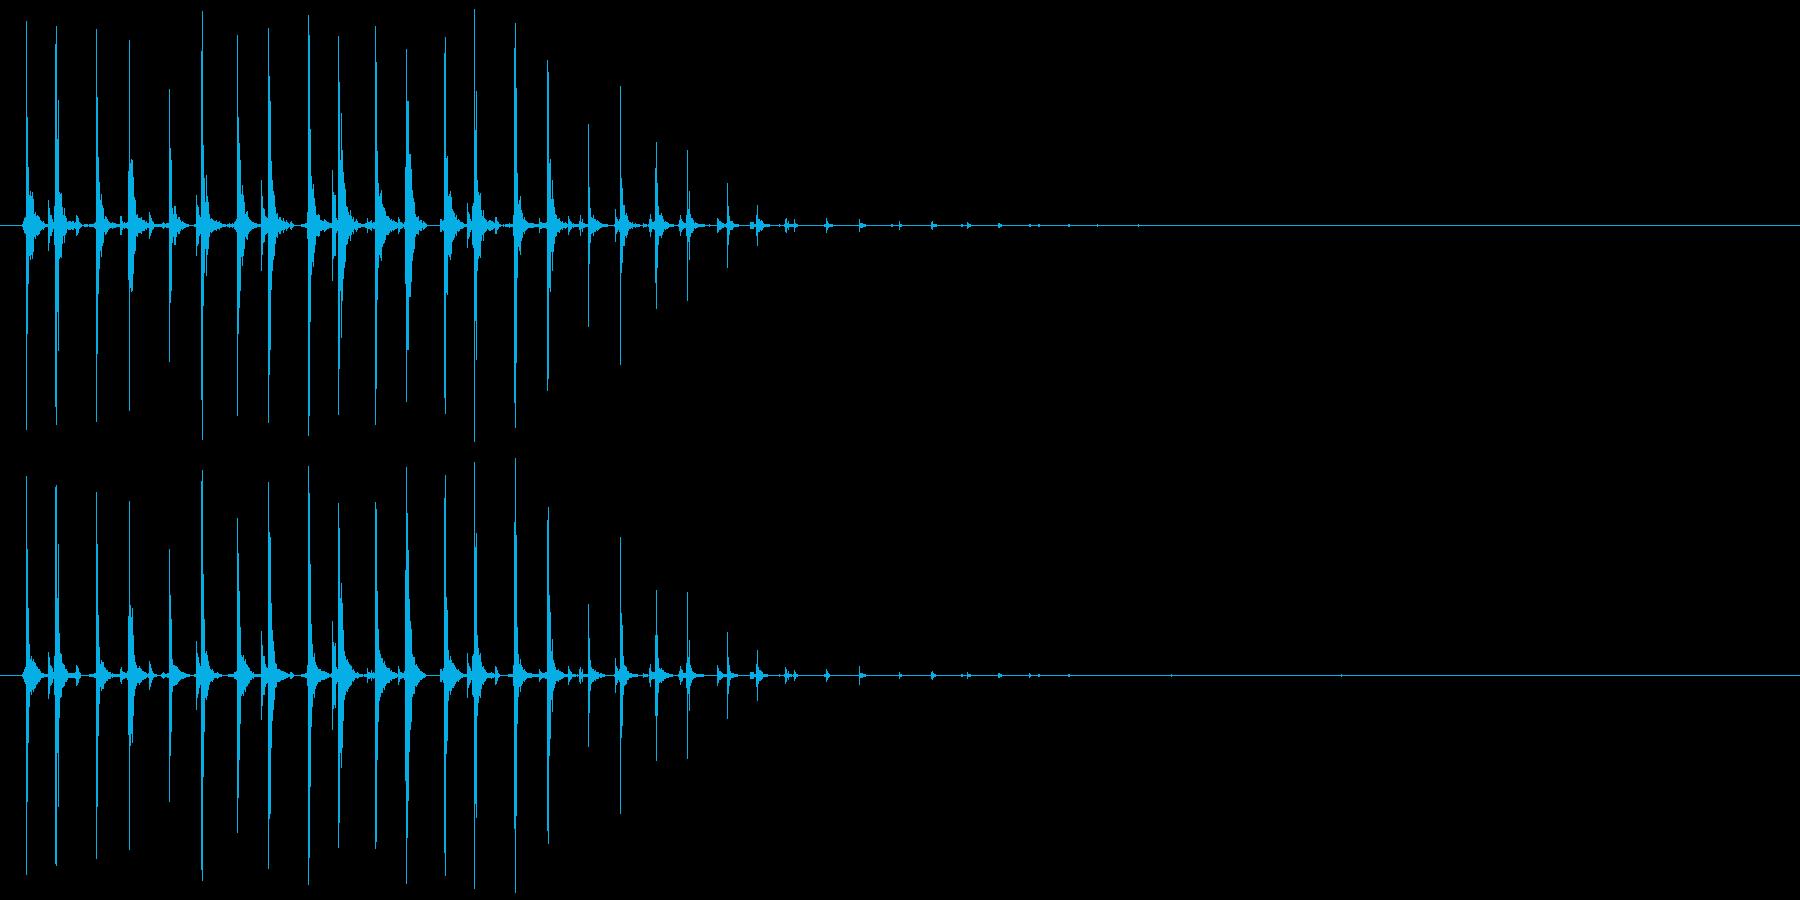 虫、モンスター等(動く鳴く)キチチチ…の再生済みの波形